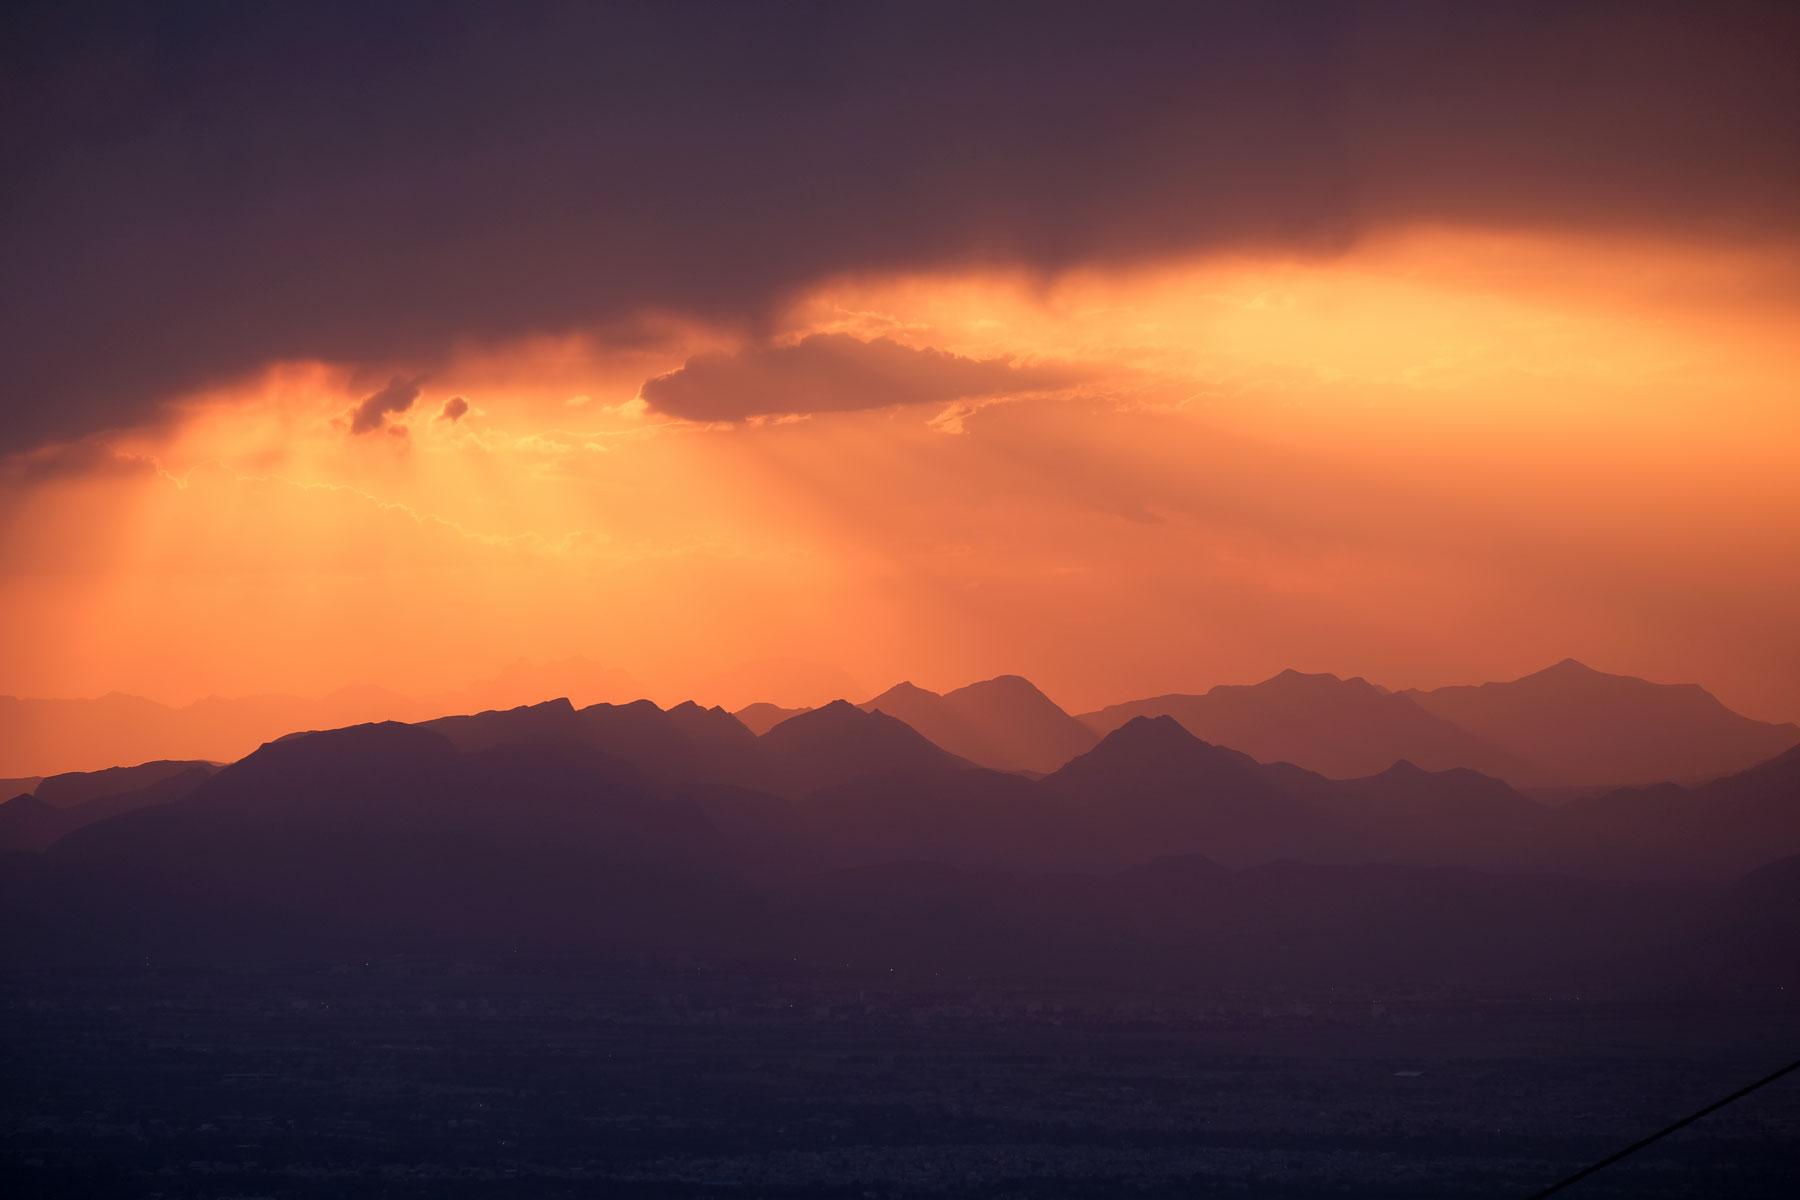 Beim Weg zum Start der Zipline bemerken wir den spektakulären Sonnenuntergang am Horizont